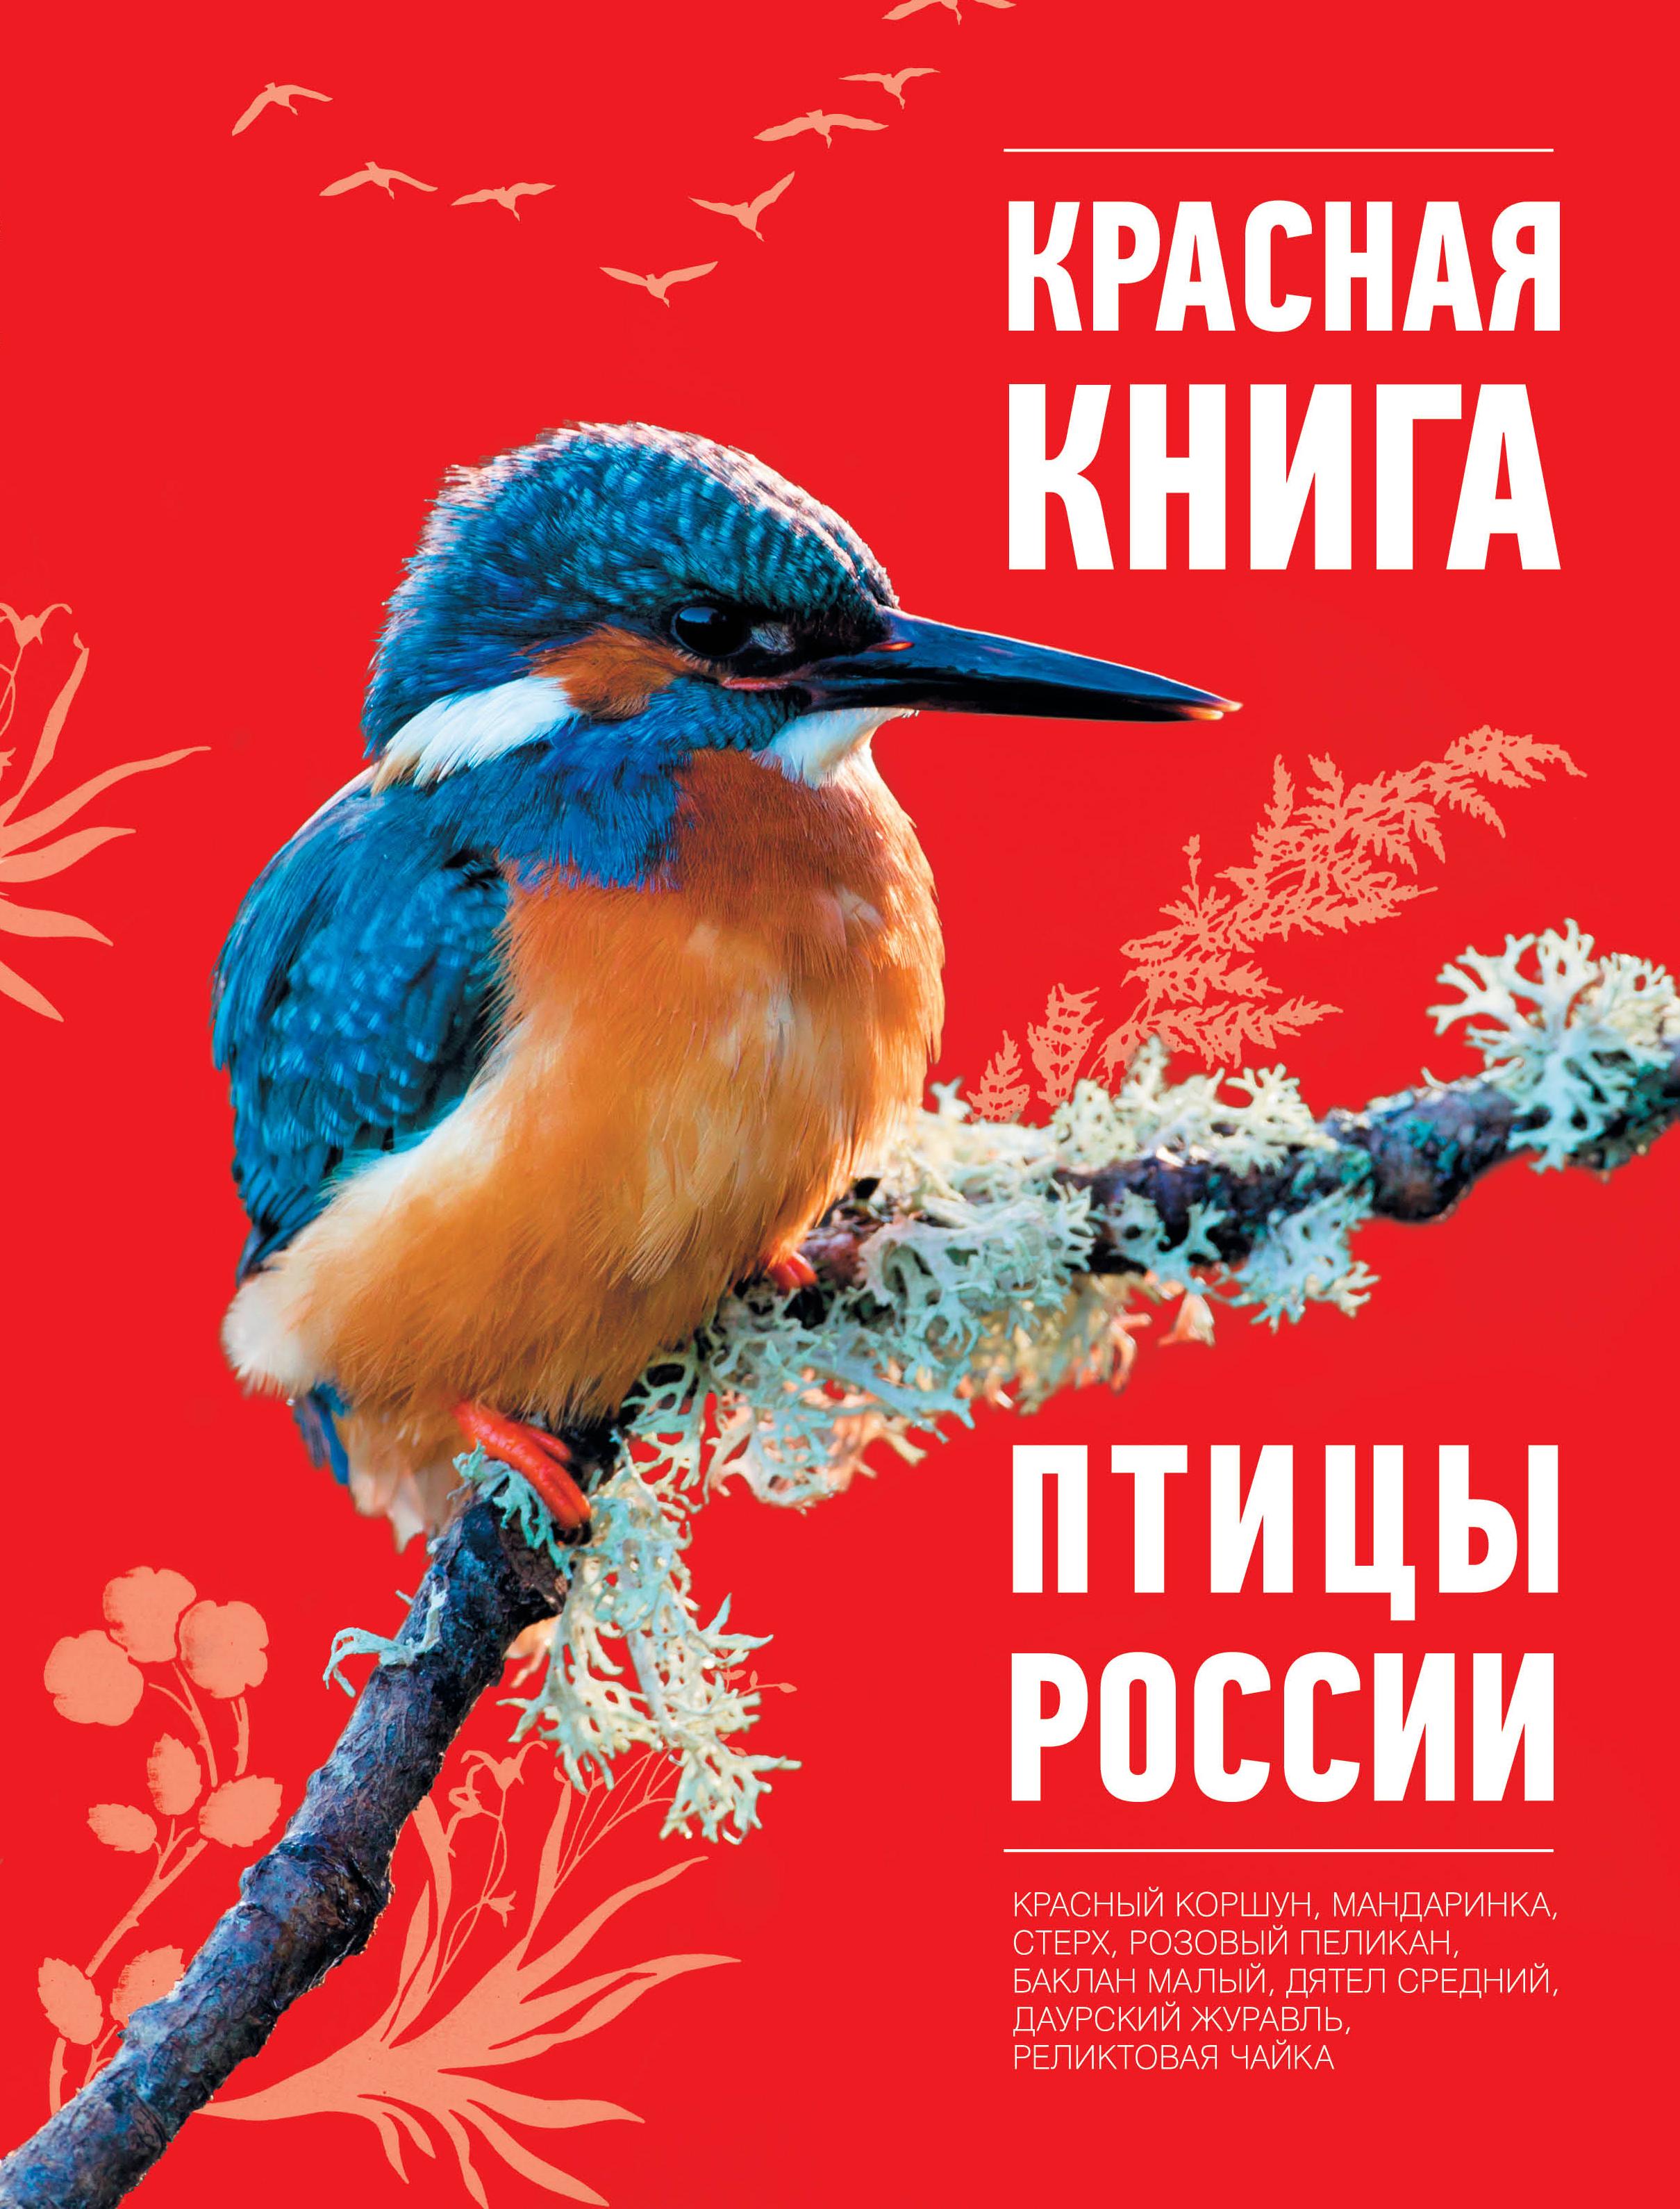 https://mmedia.ozone.ru/multimedia/1012151018.jpg